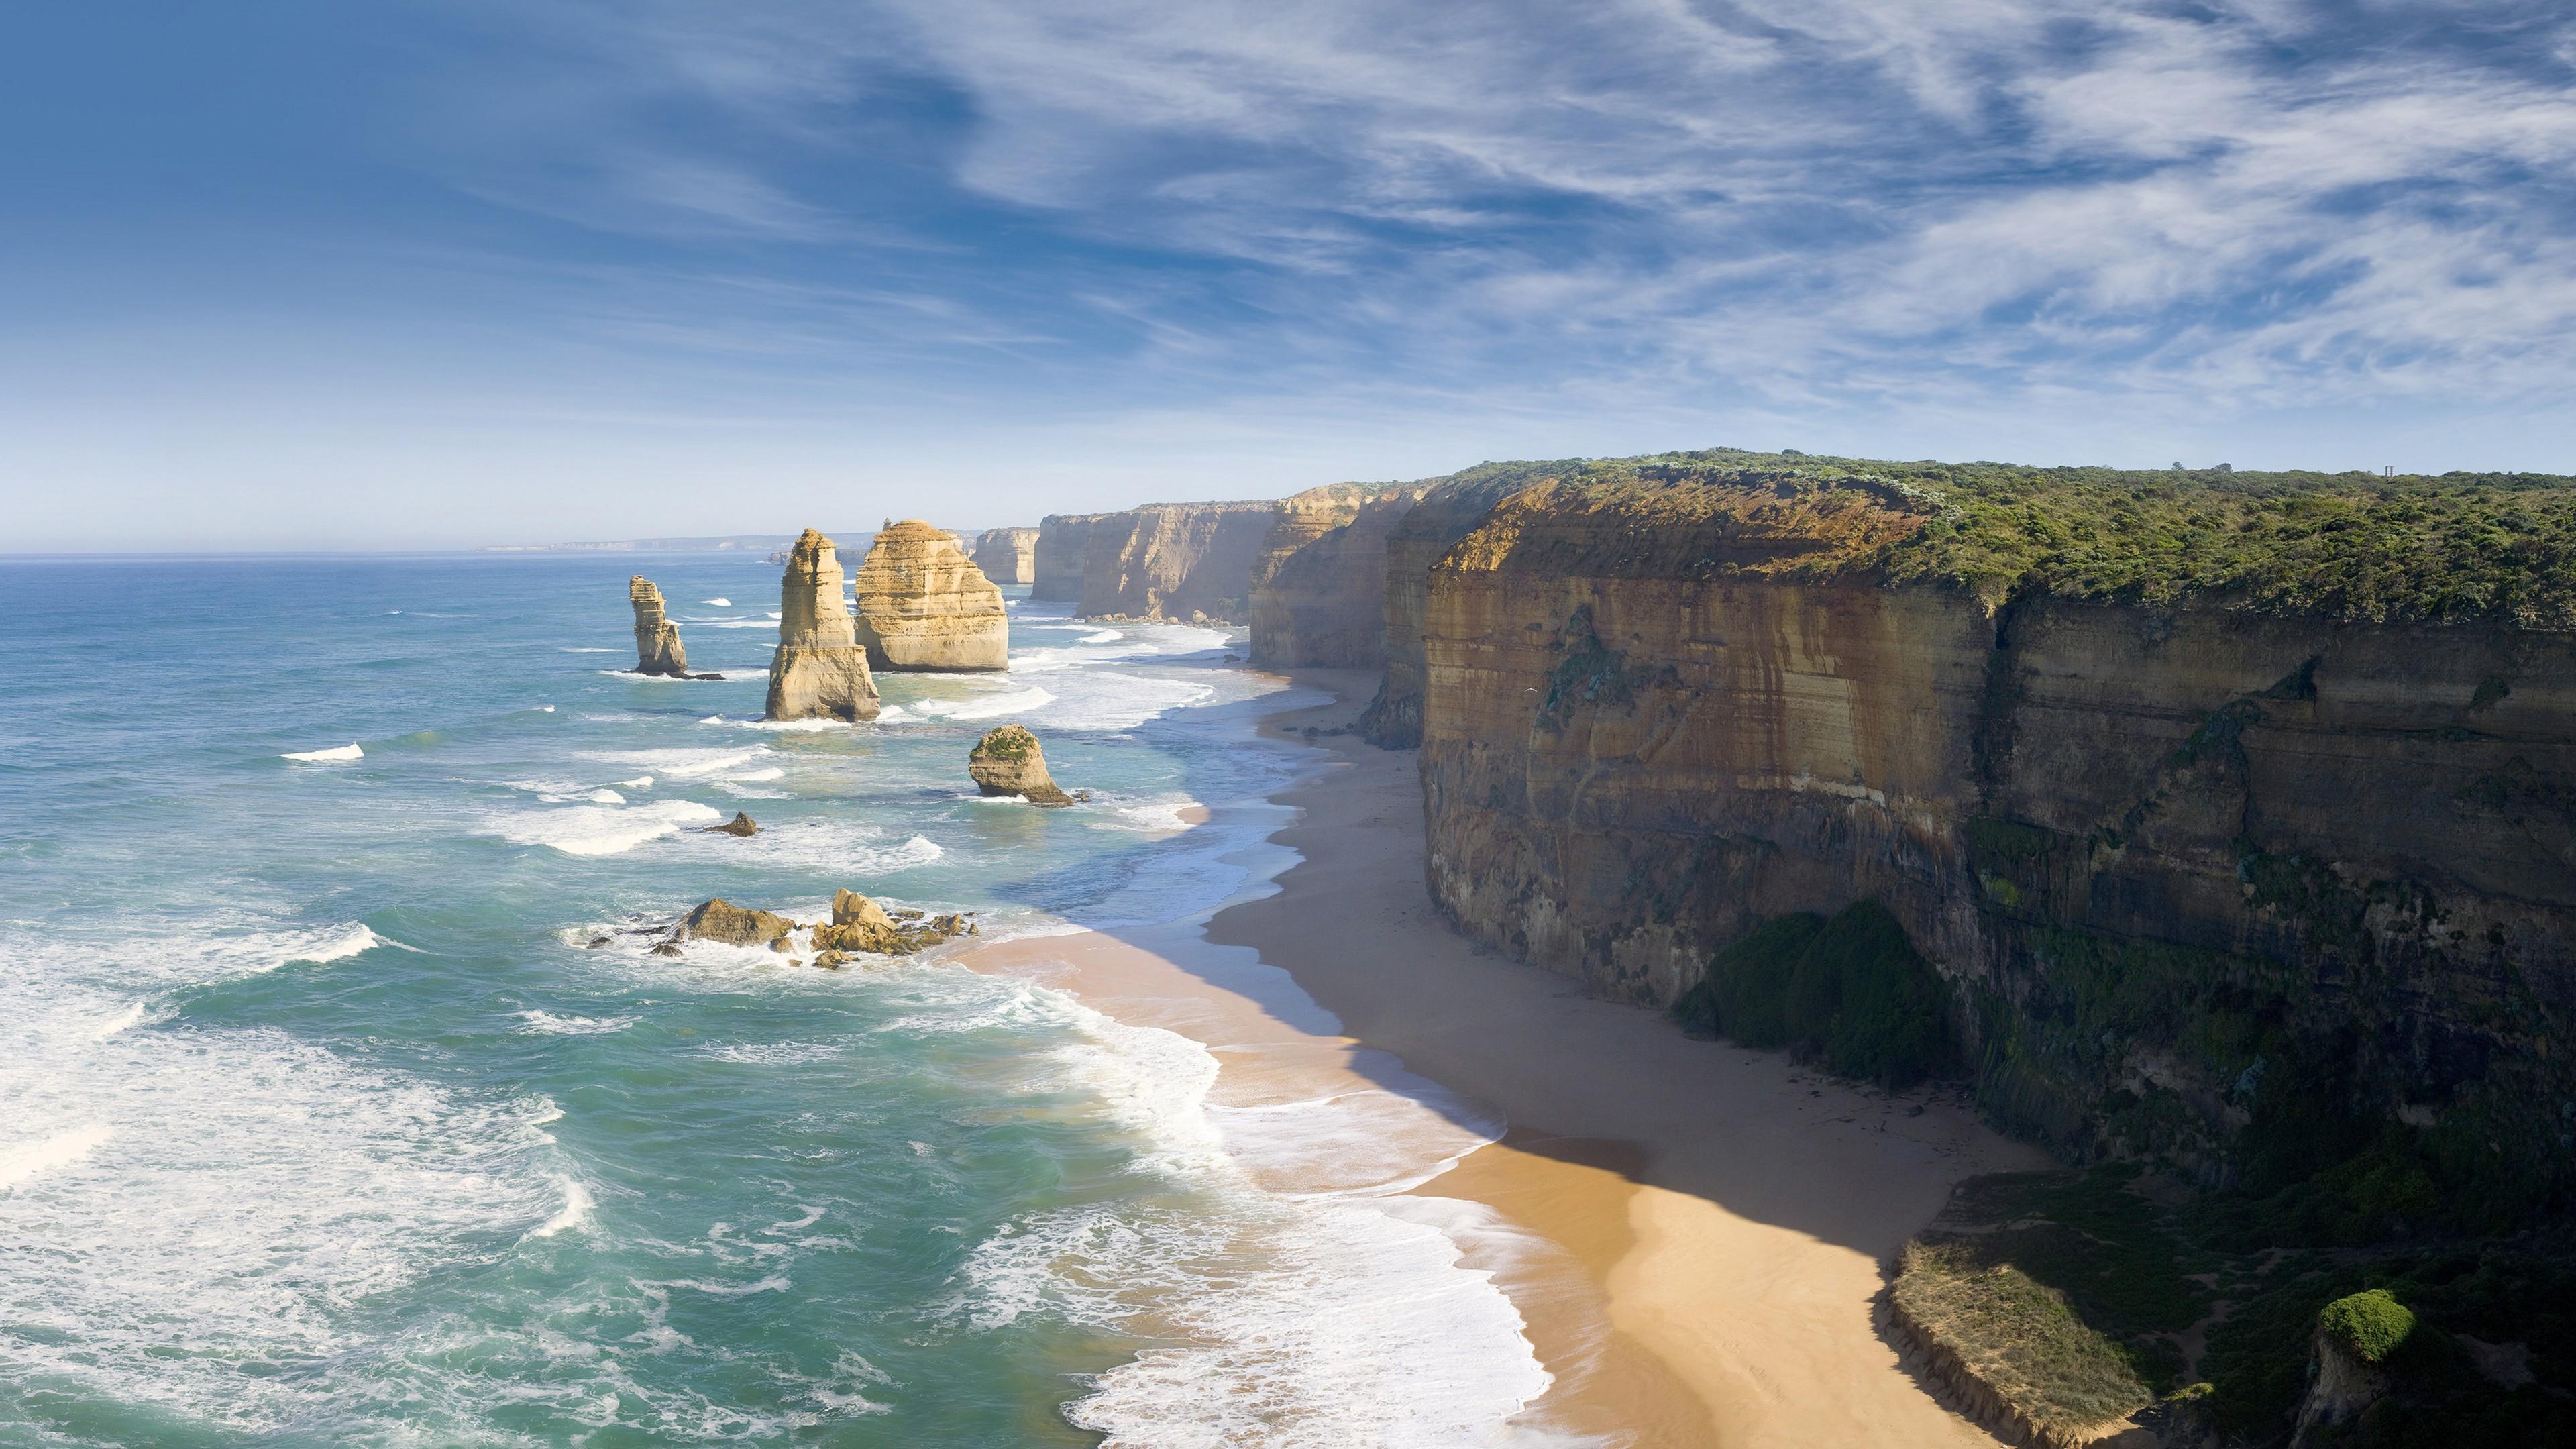 Картинки по запросу Великая Океанская Дорога австралии 1920x1080